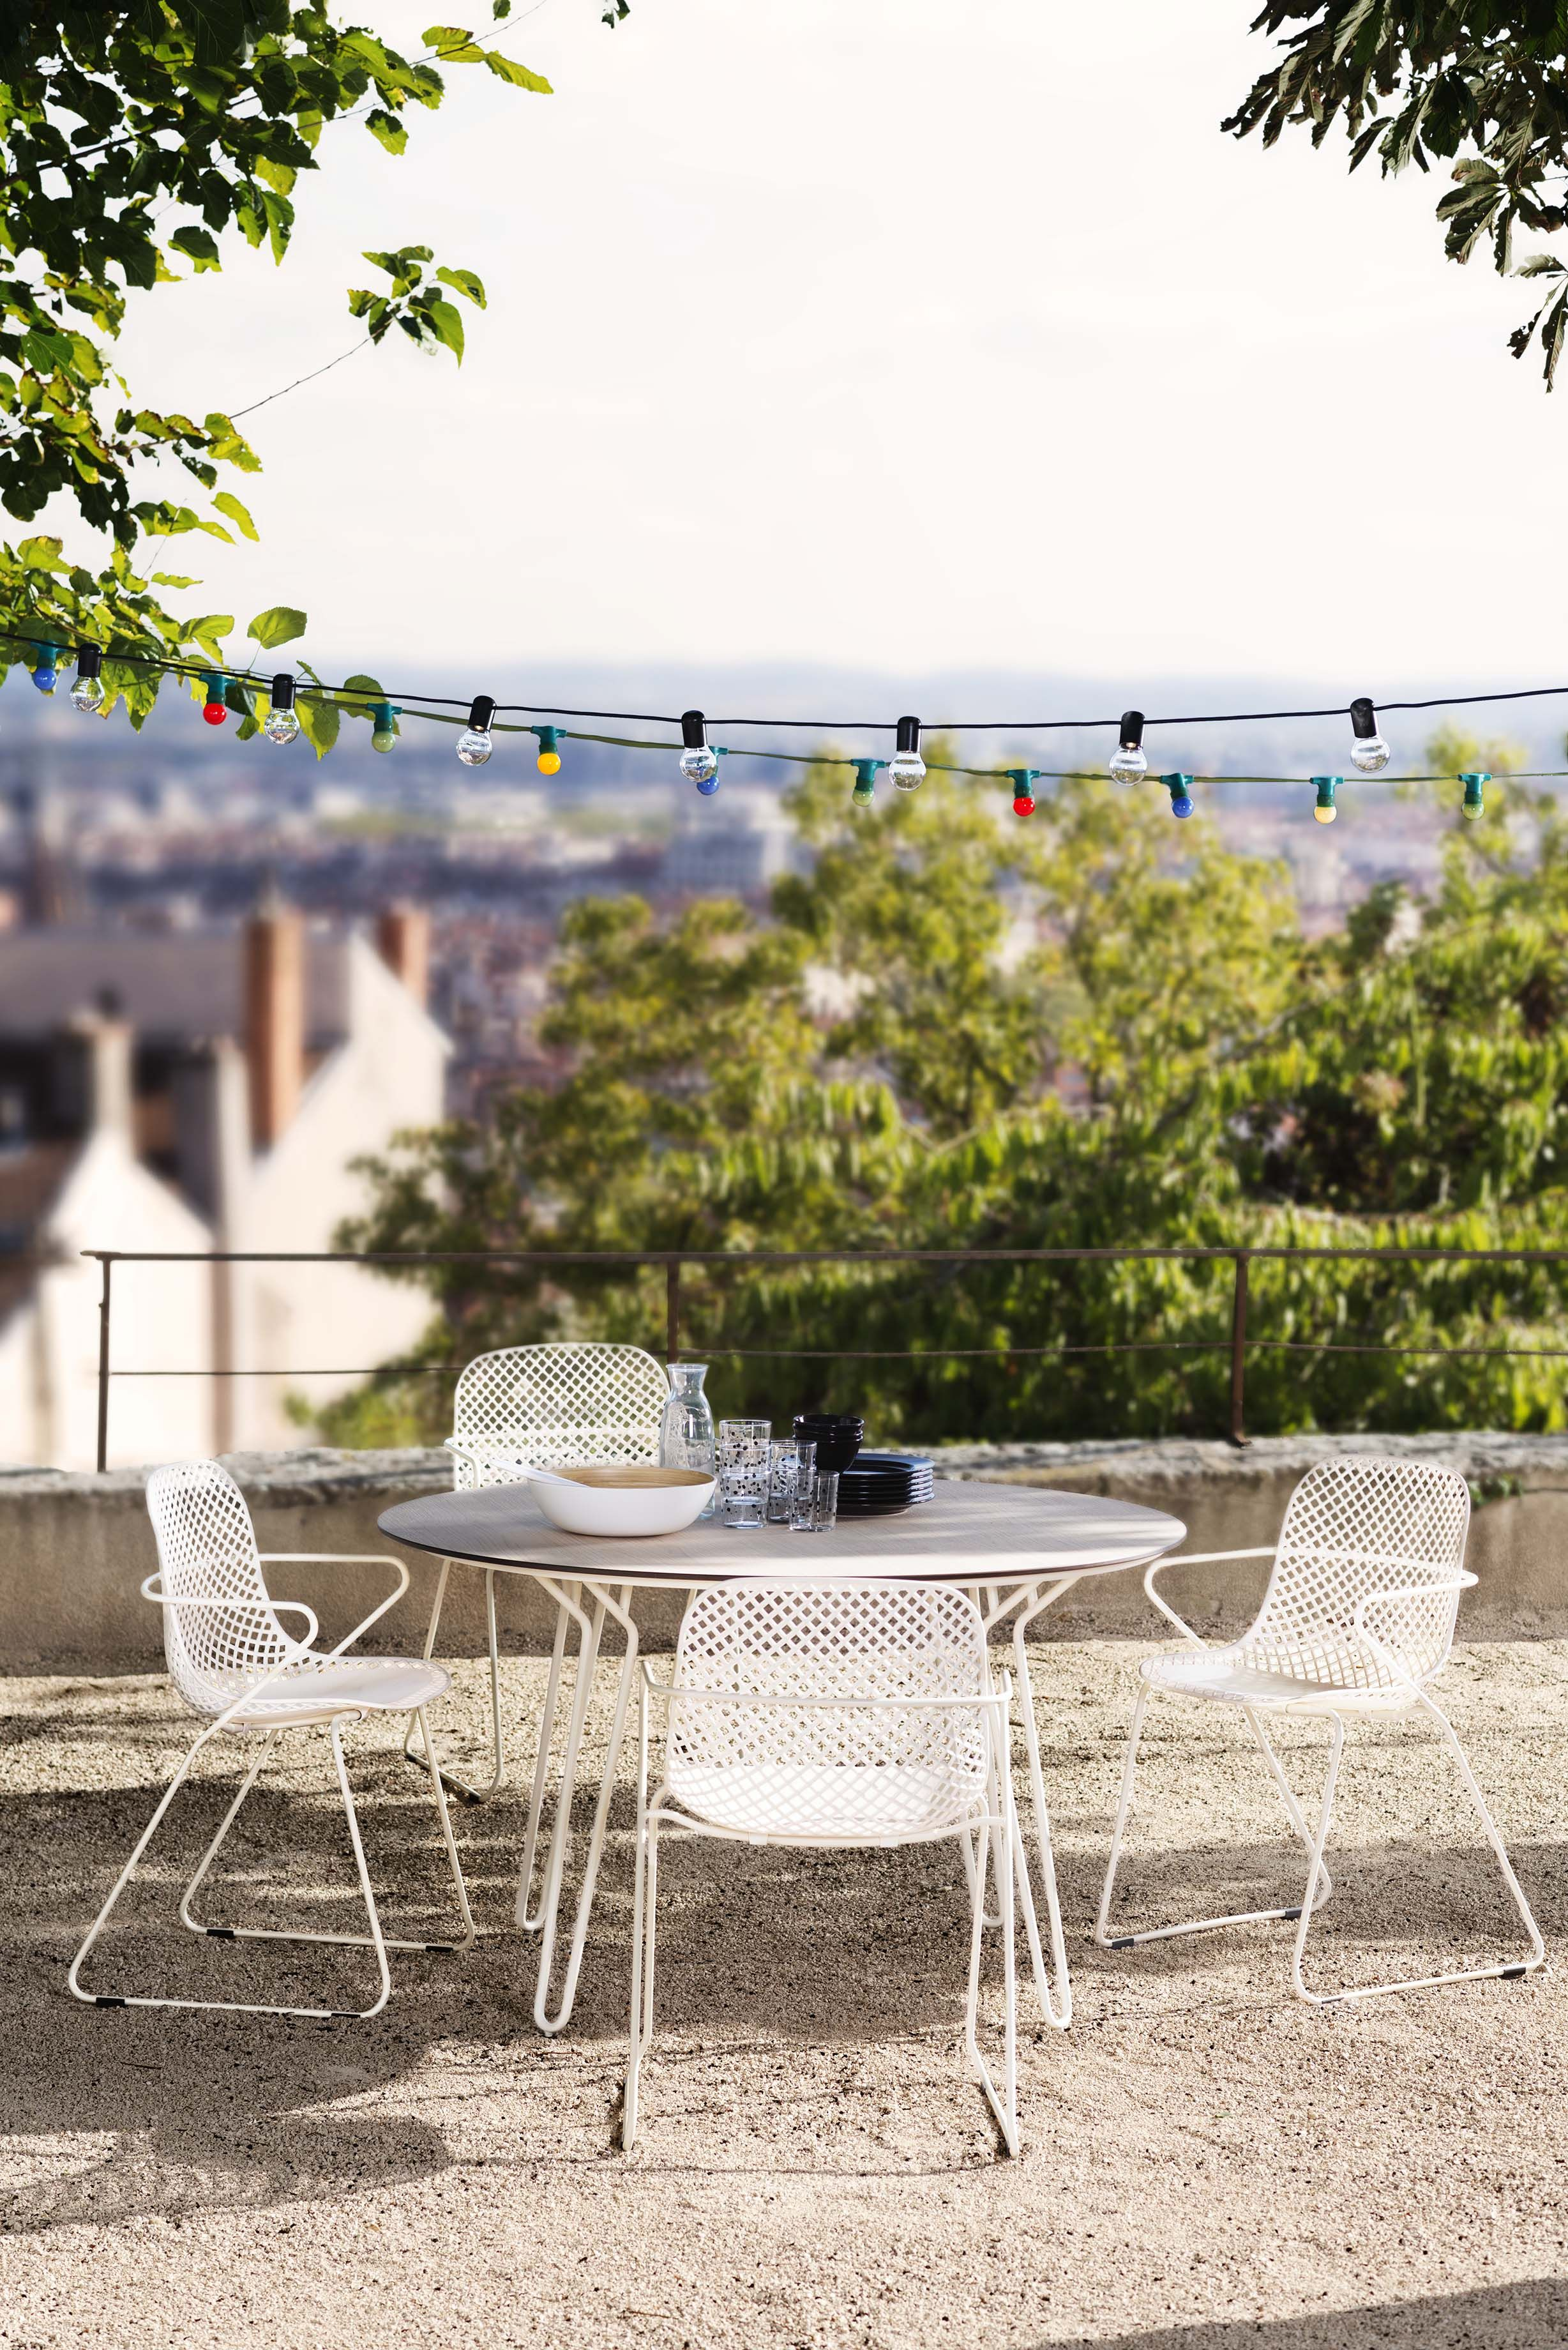 Salon De Jardin Original une ambiance vintage pour votre mobilier de jardin qui